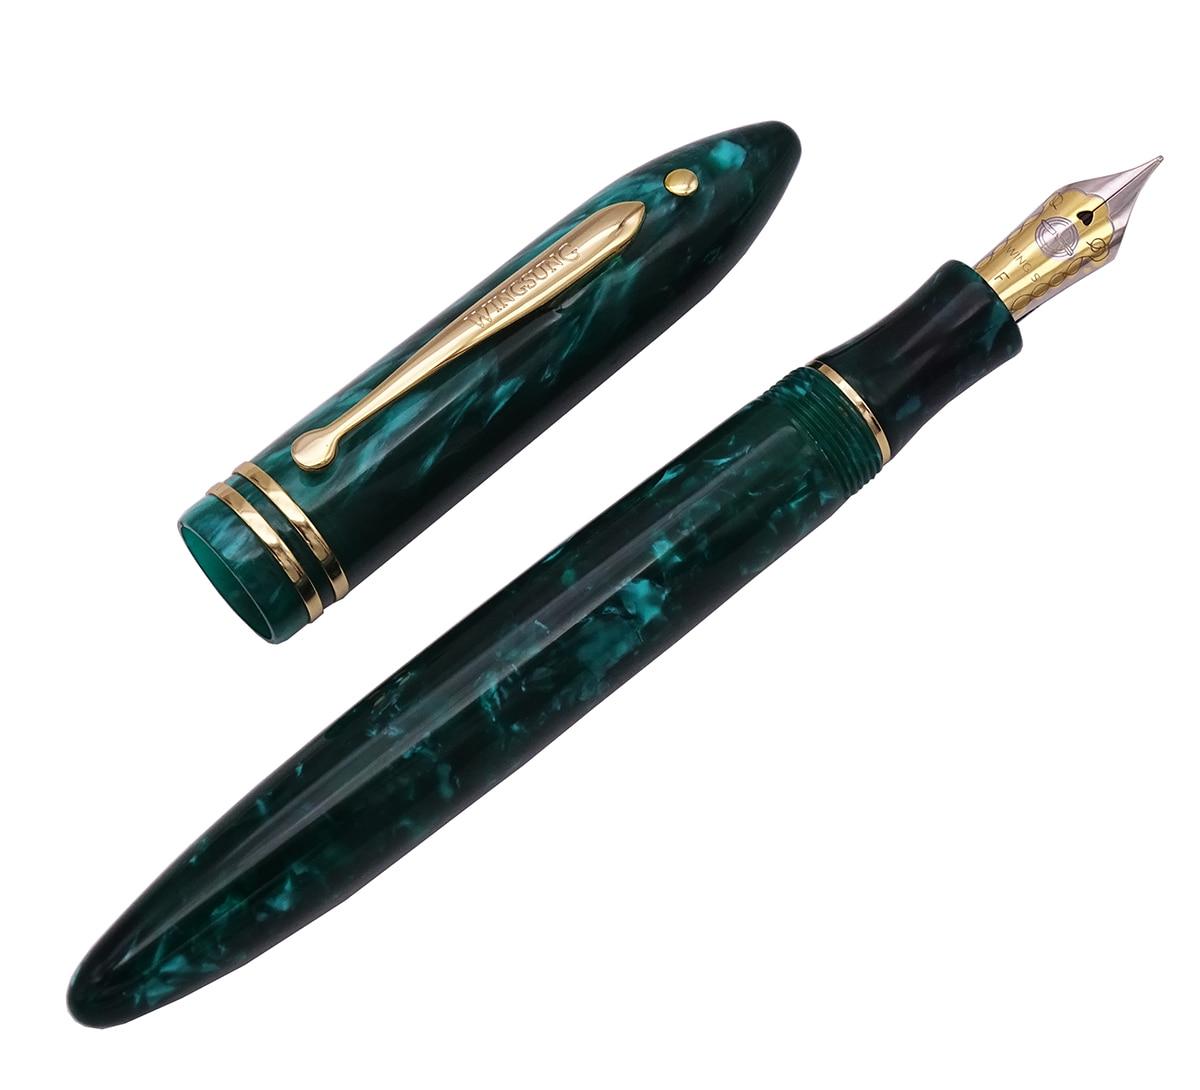 Wing Sung 626 Wingsung целлюлоидная Классическая авторучка маленькая Божья точка Смола Зеленый иридий тонкая 0,5 мм авторучка в подарок офисная черни...